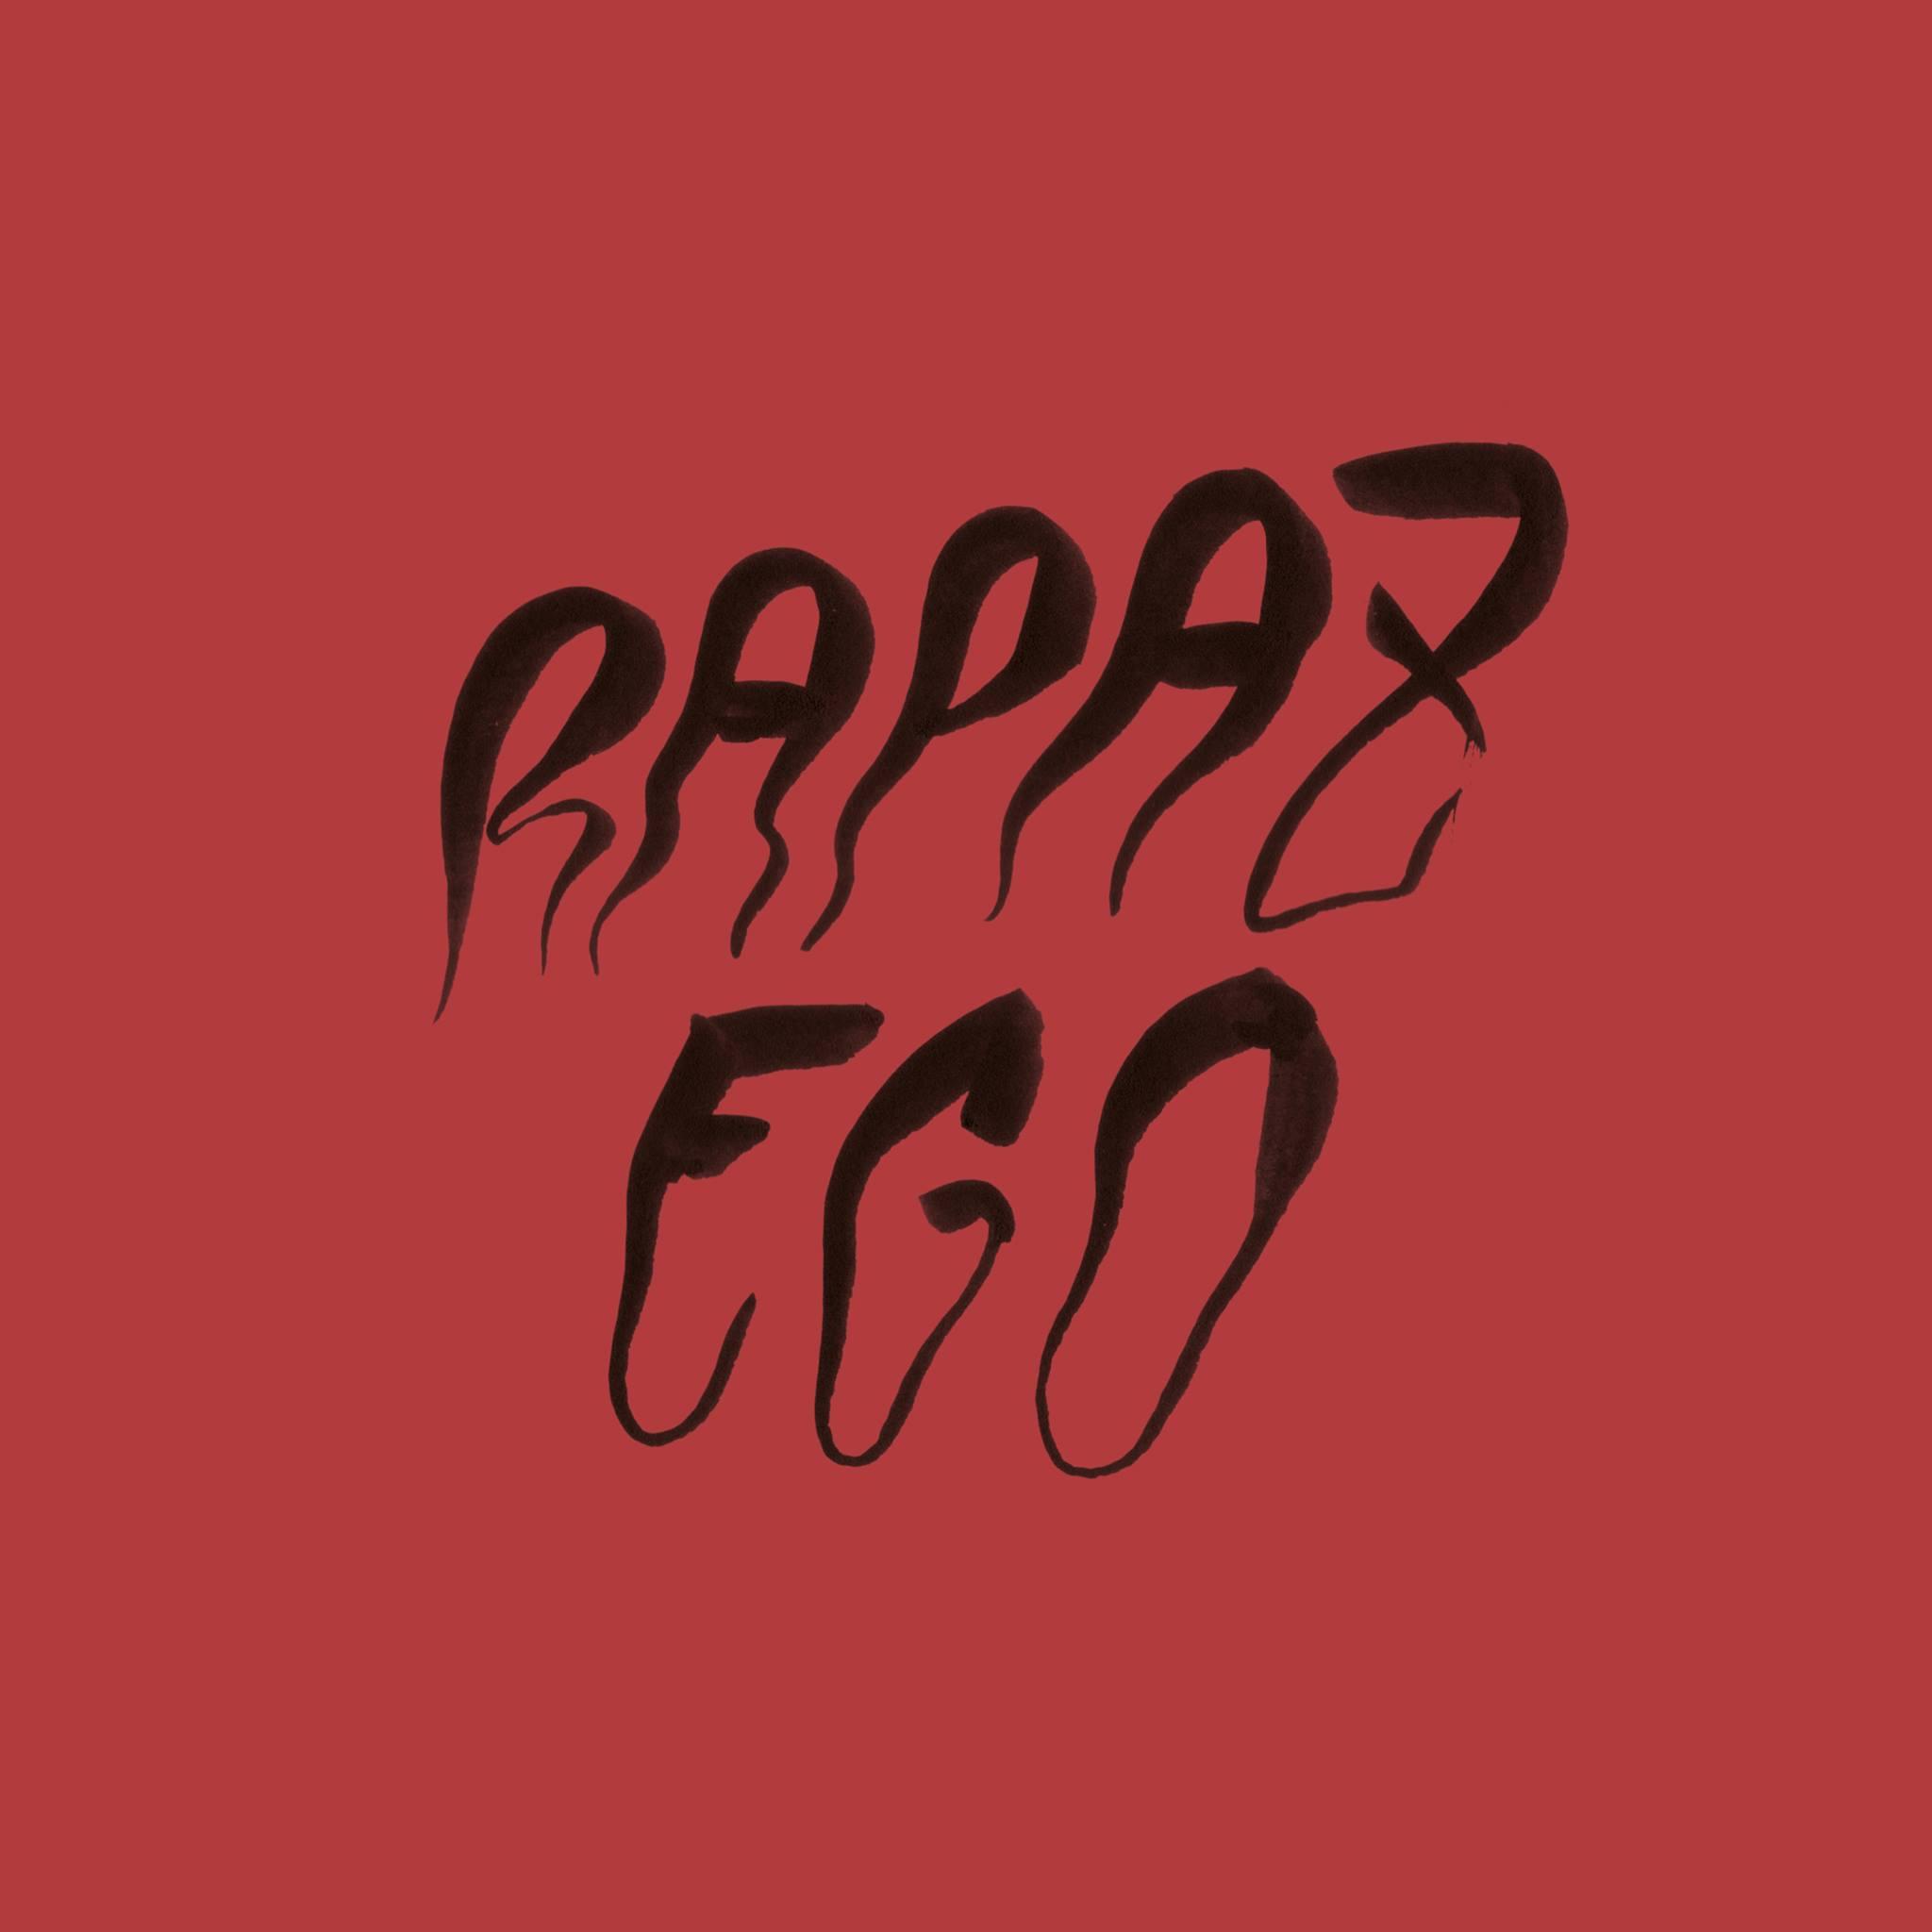 Rapaz-Ego